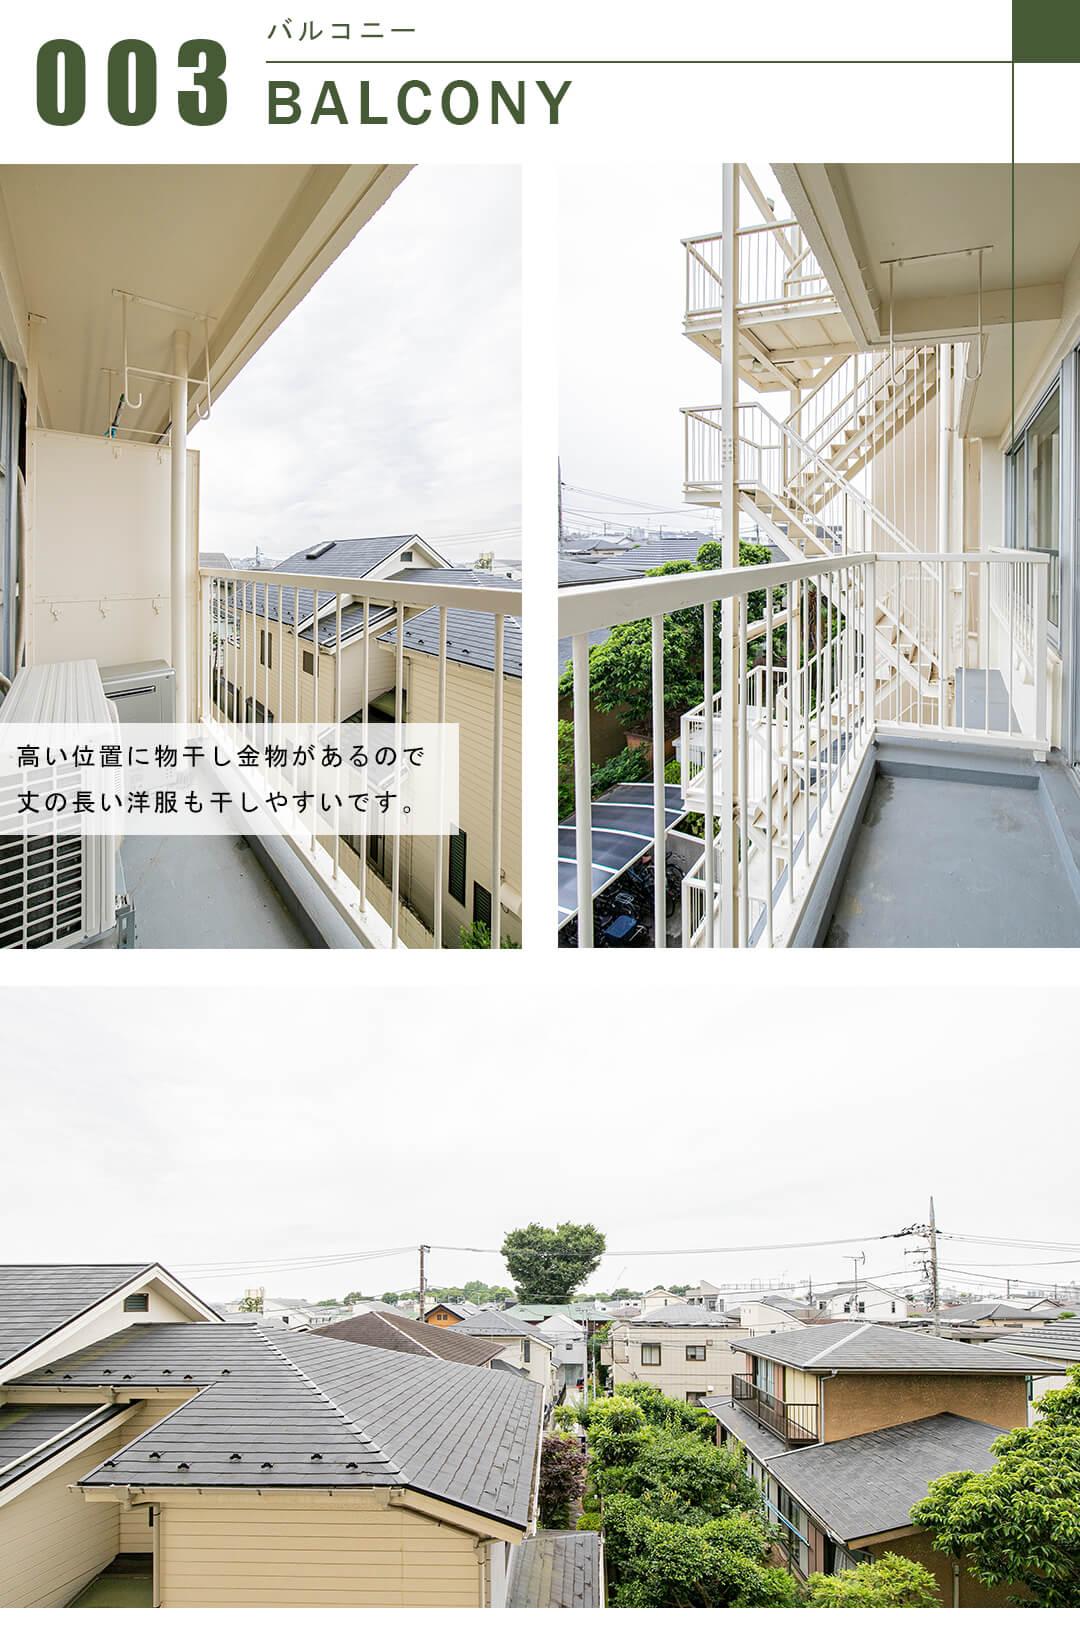 代田セントラルマンションのバルコニー